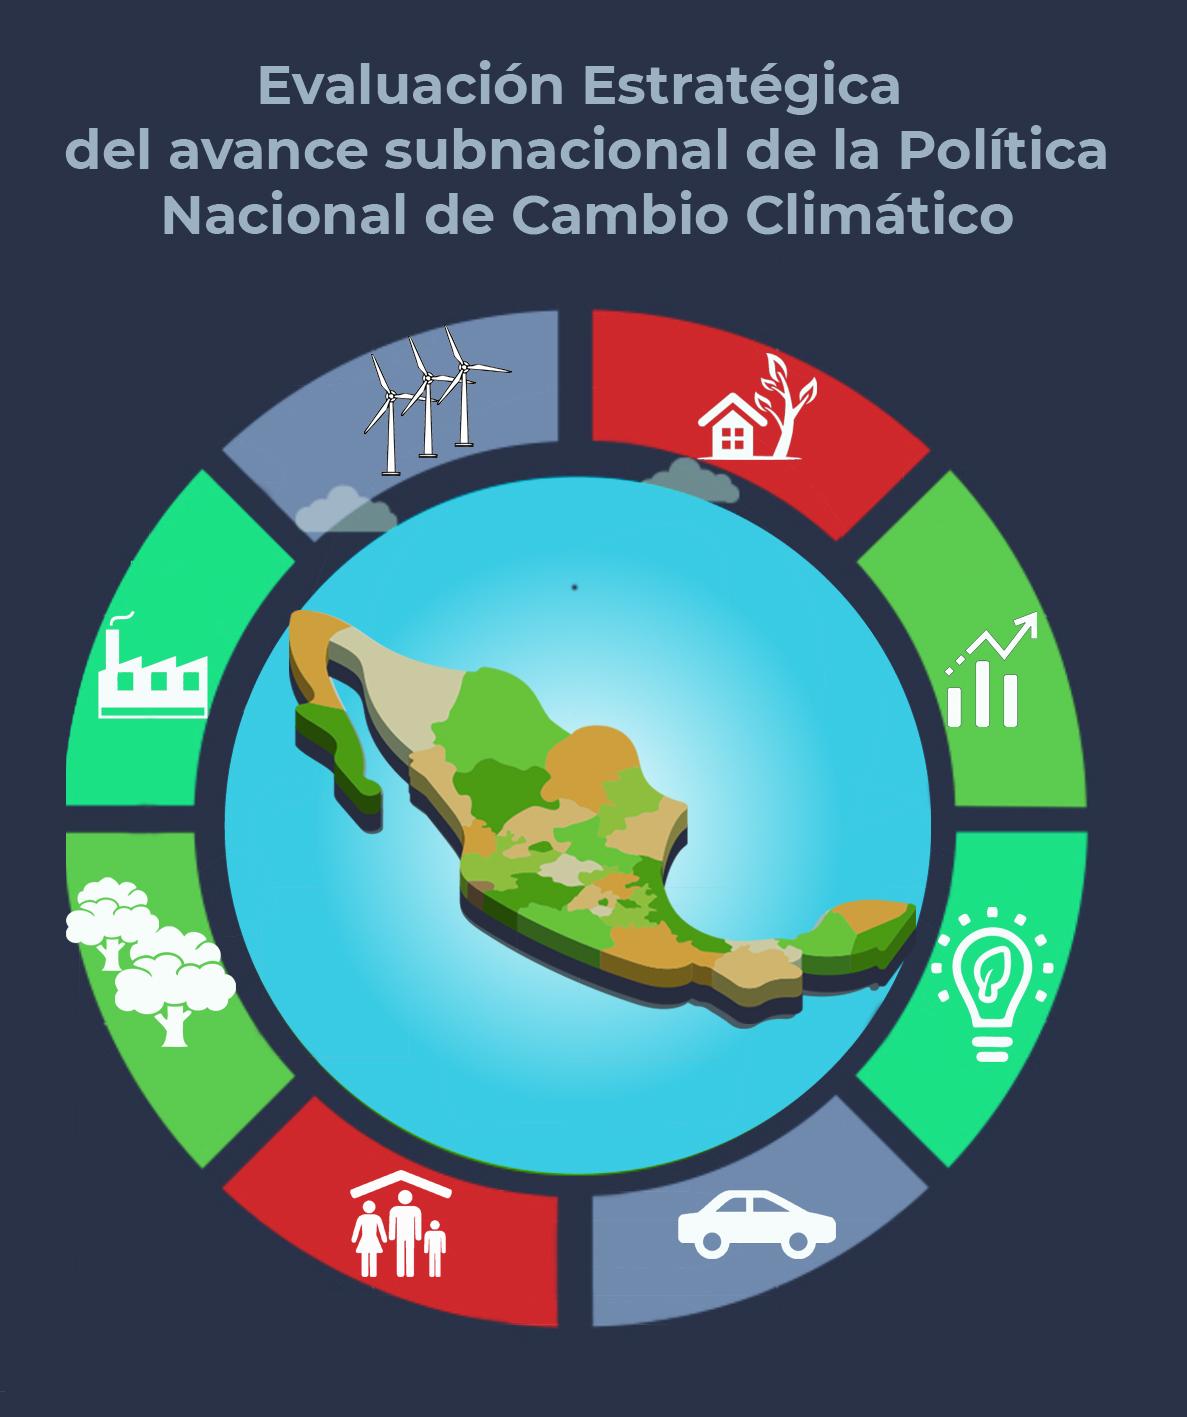 Esta evaluación estratégica de la Política Nacional de Cambio Climático (PNCC) revisa las políticas, programas y acciones públicas en temas clave de mitigación.